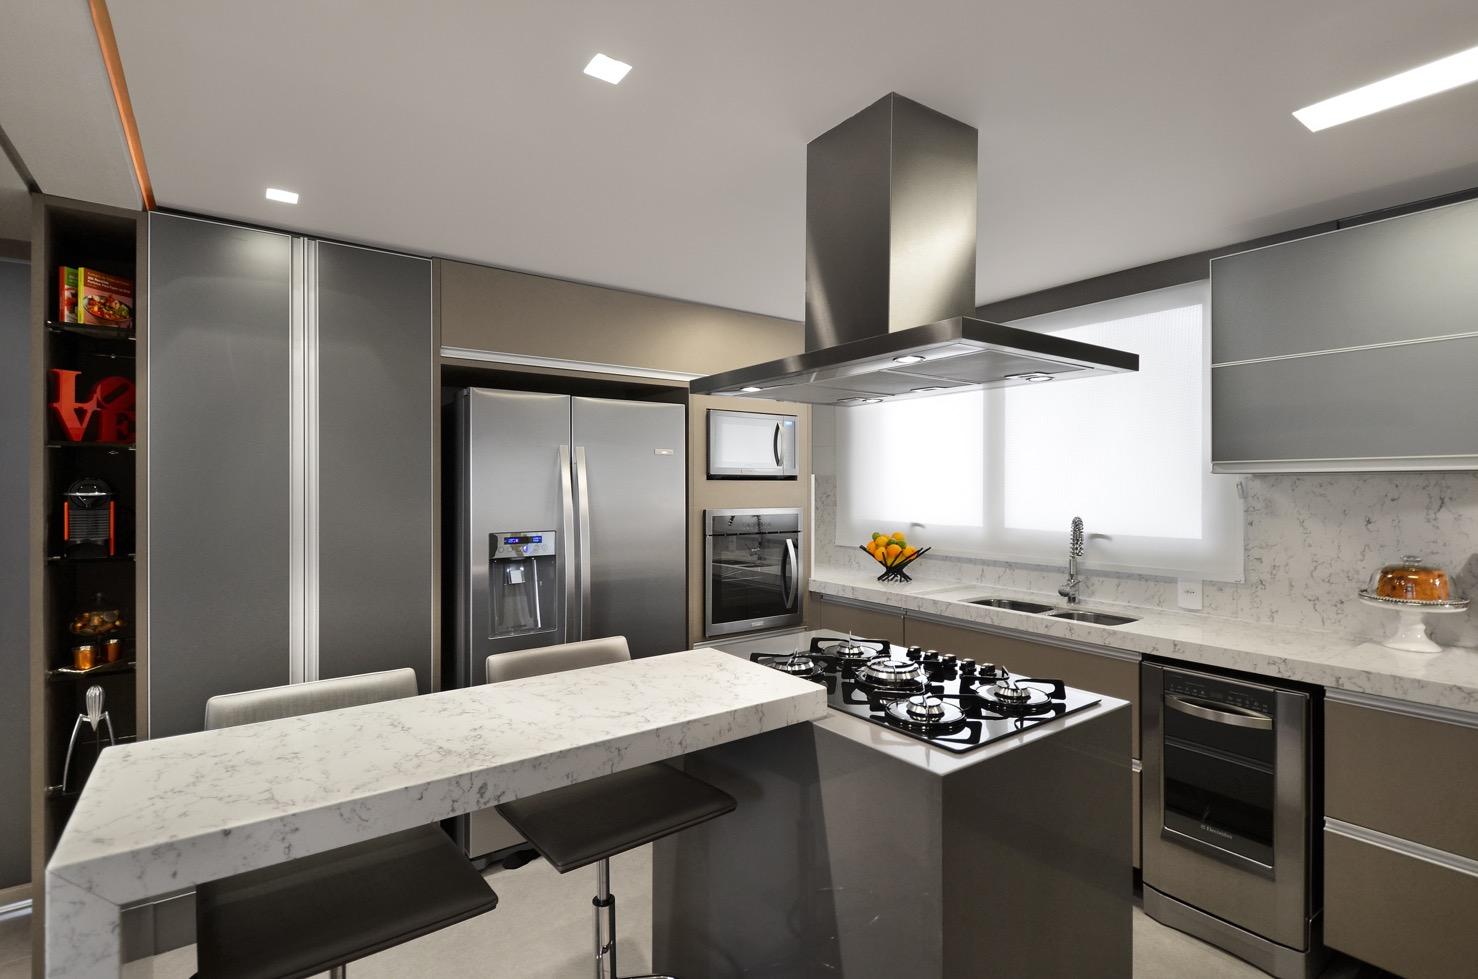 Cozinha-35